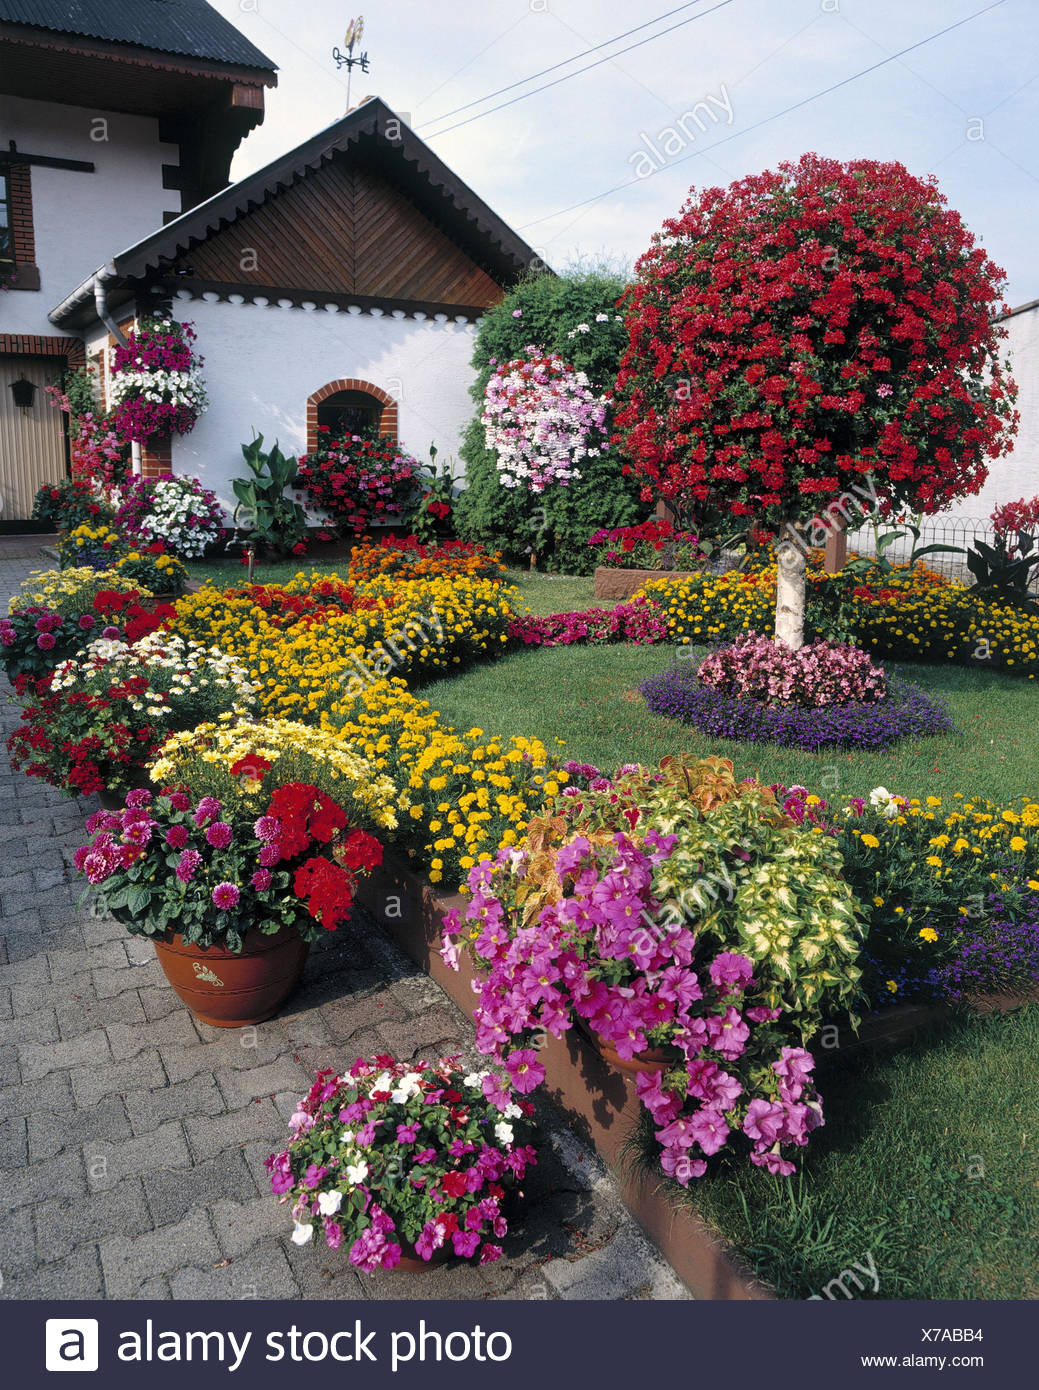 france alsace residential house garden floral decoration europe la france rpublique franaise alsace alsace front garden nature flowers garden - House Garden Decoration